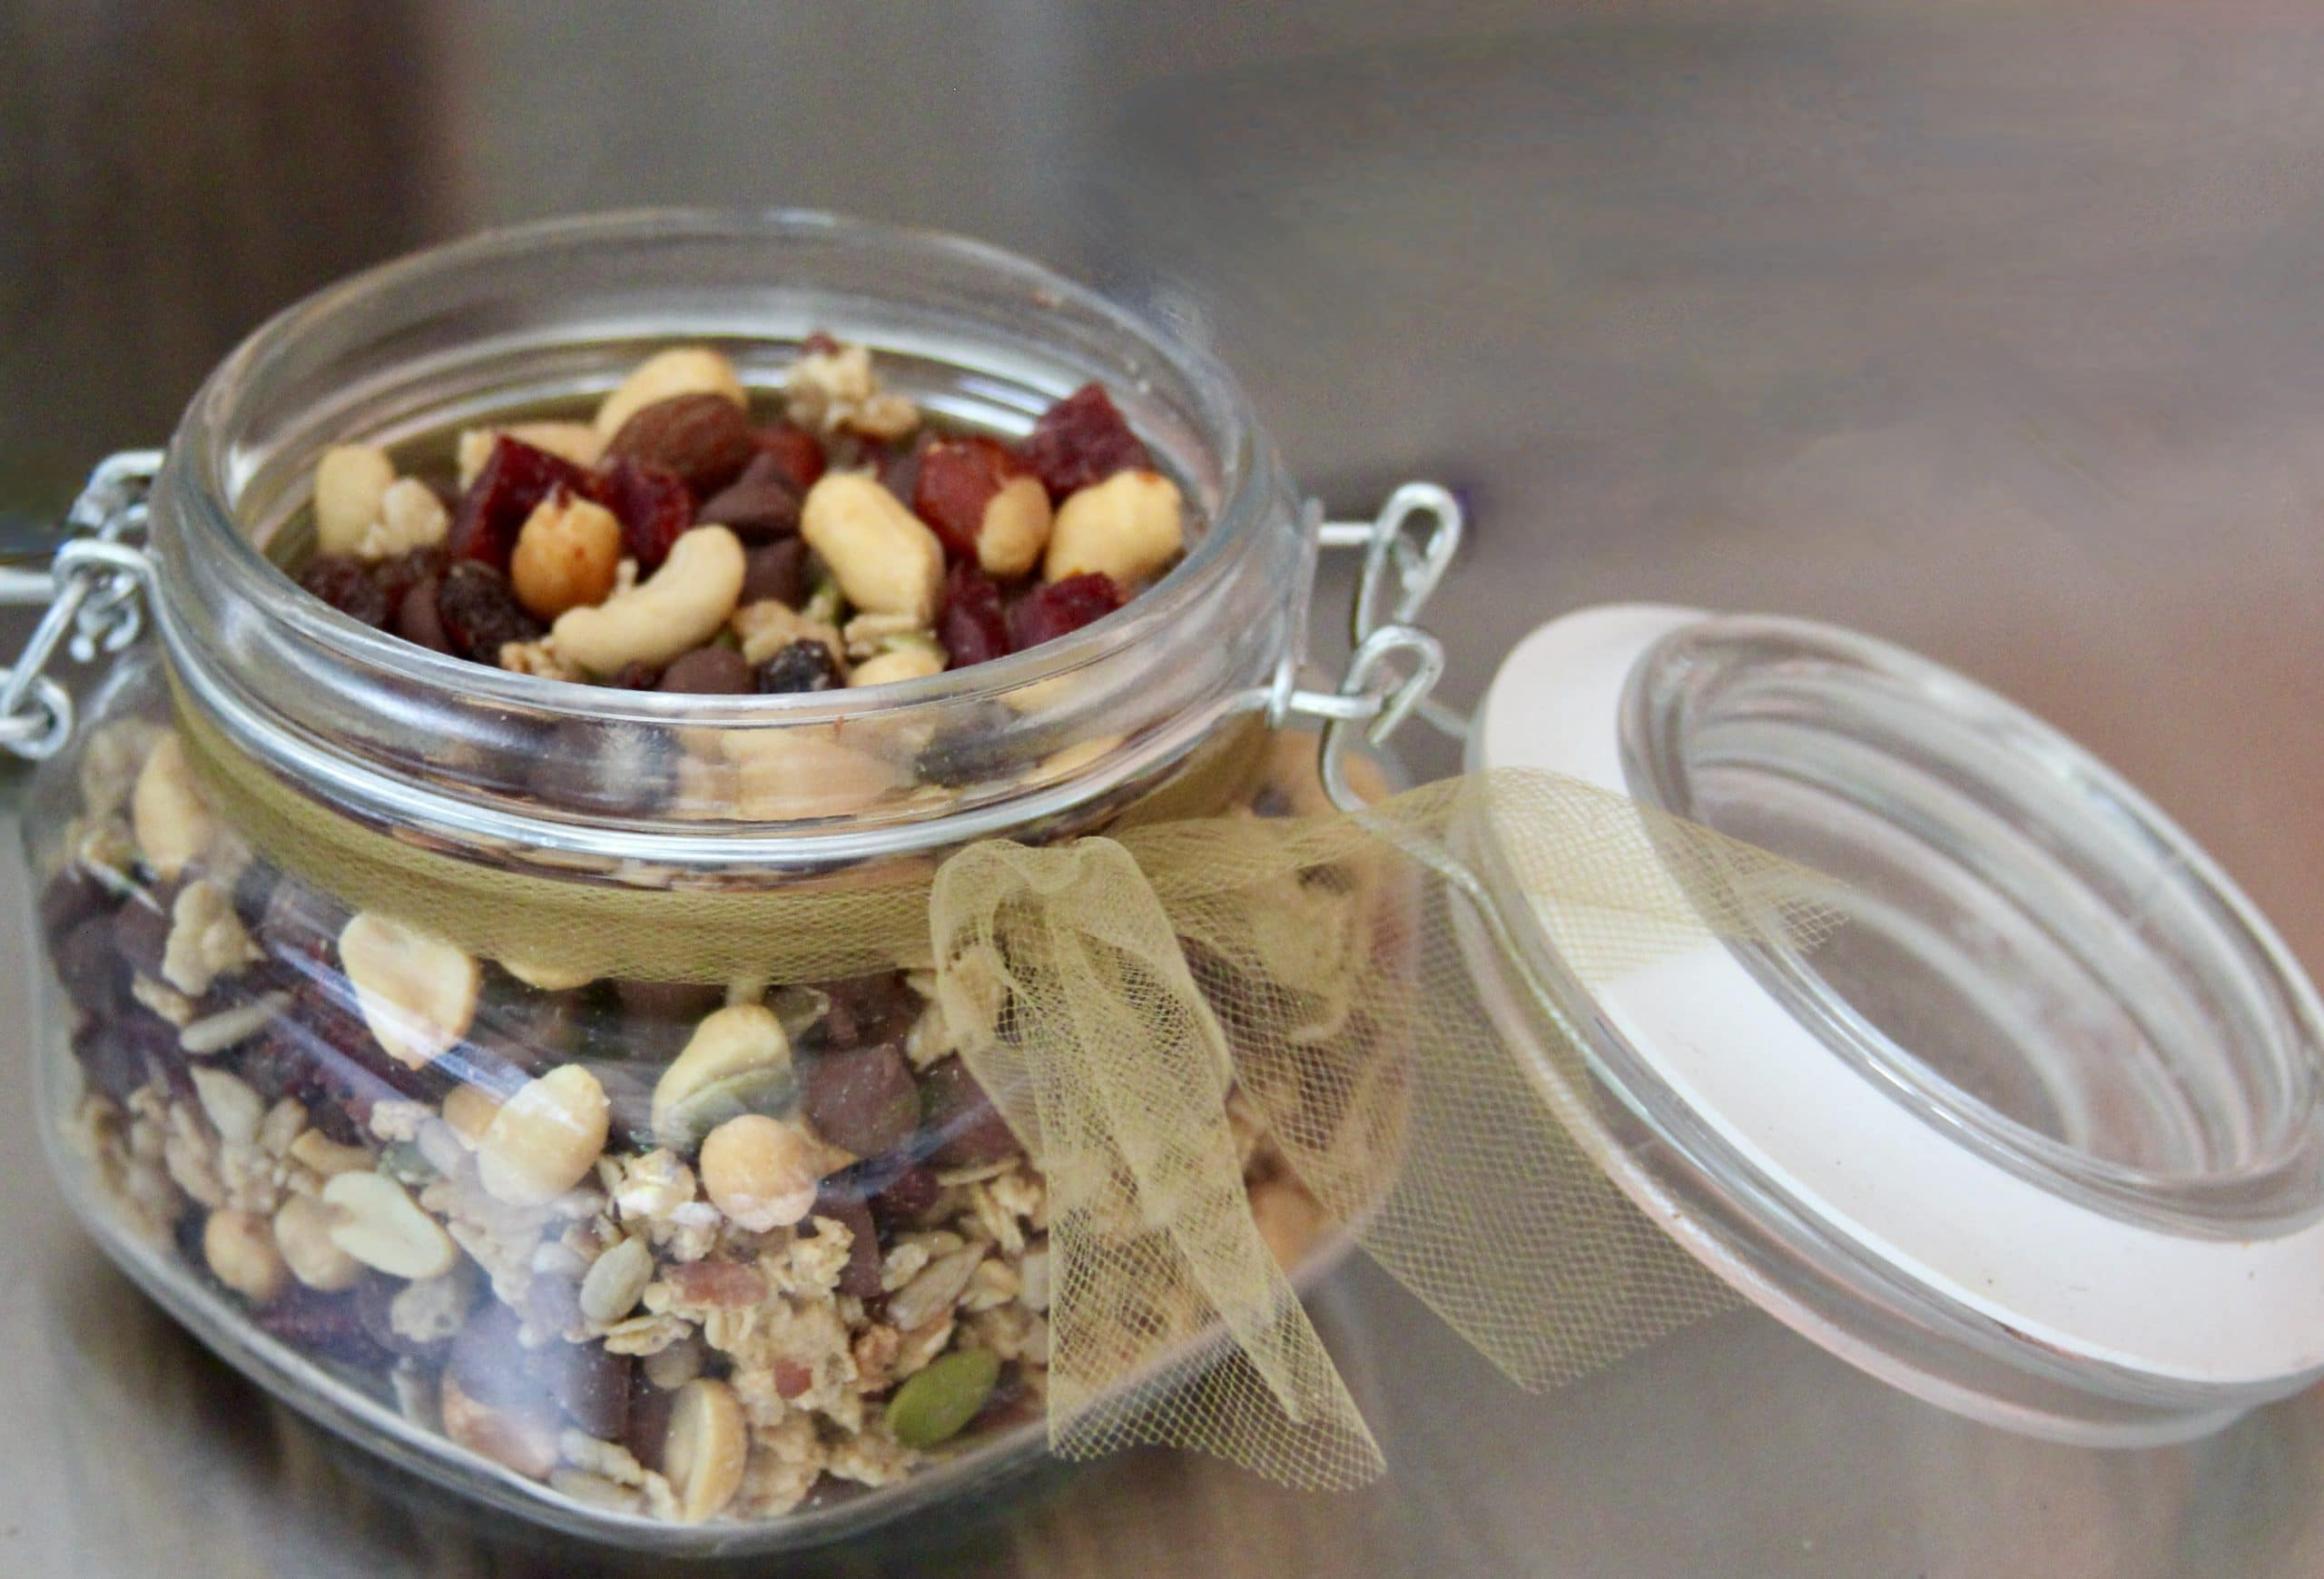 Jar of trail mix